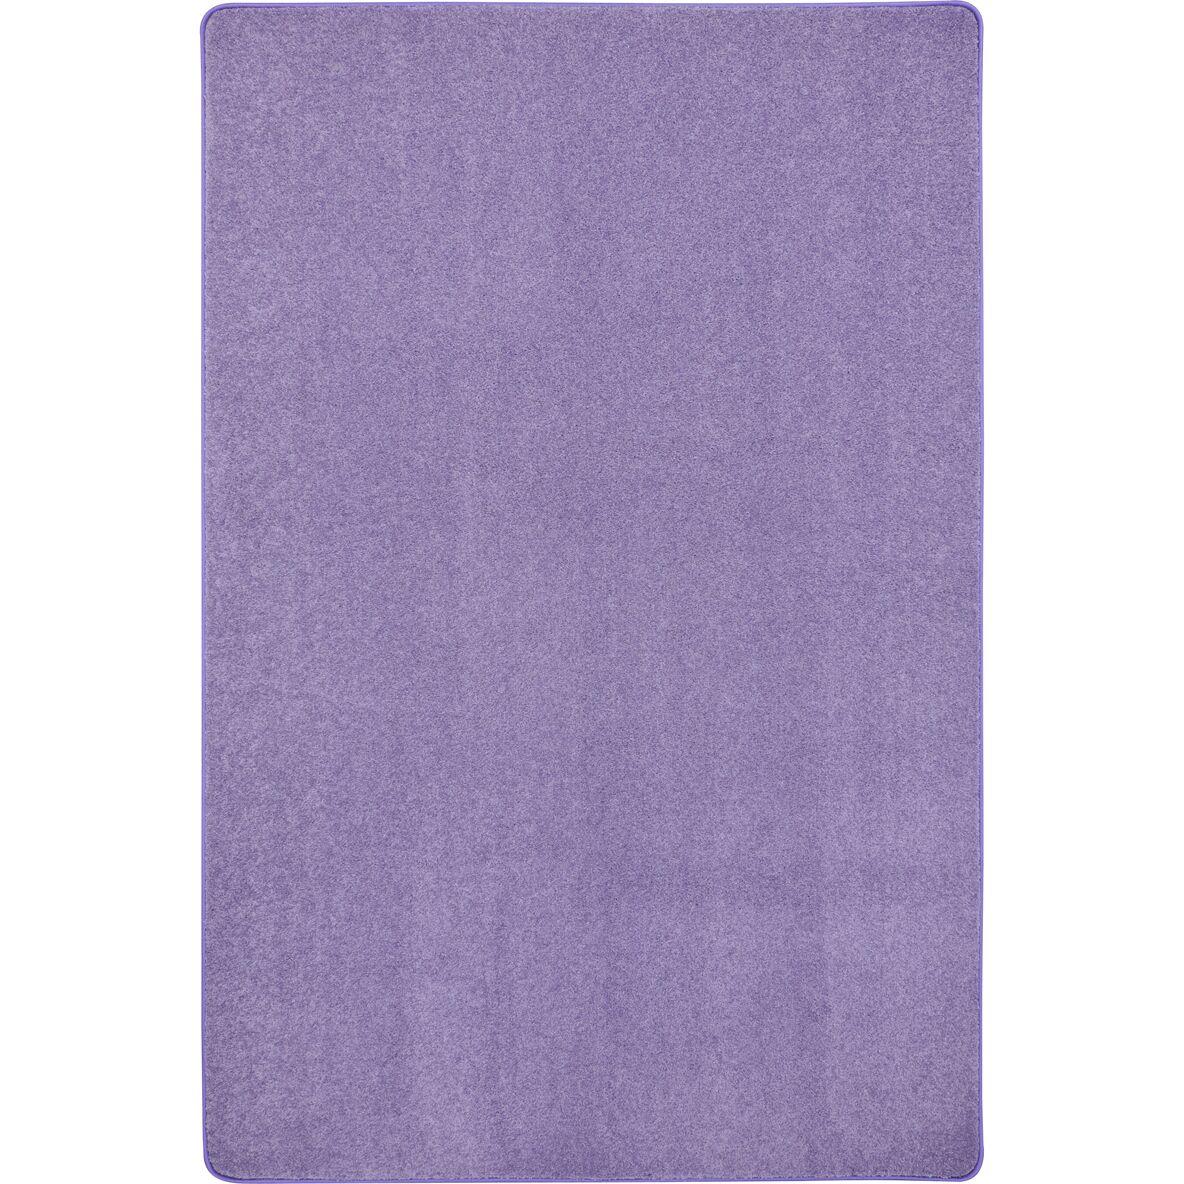 Violet Area Rug Rug Size: Rectangle 6' x 9'